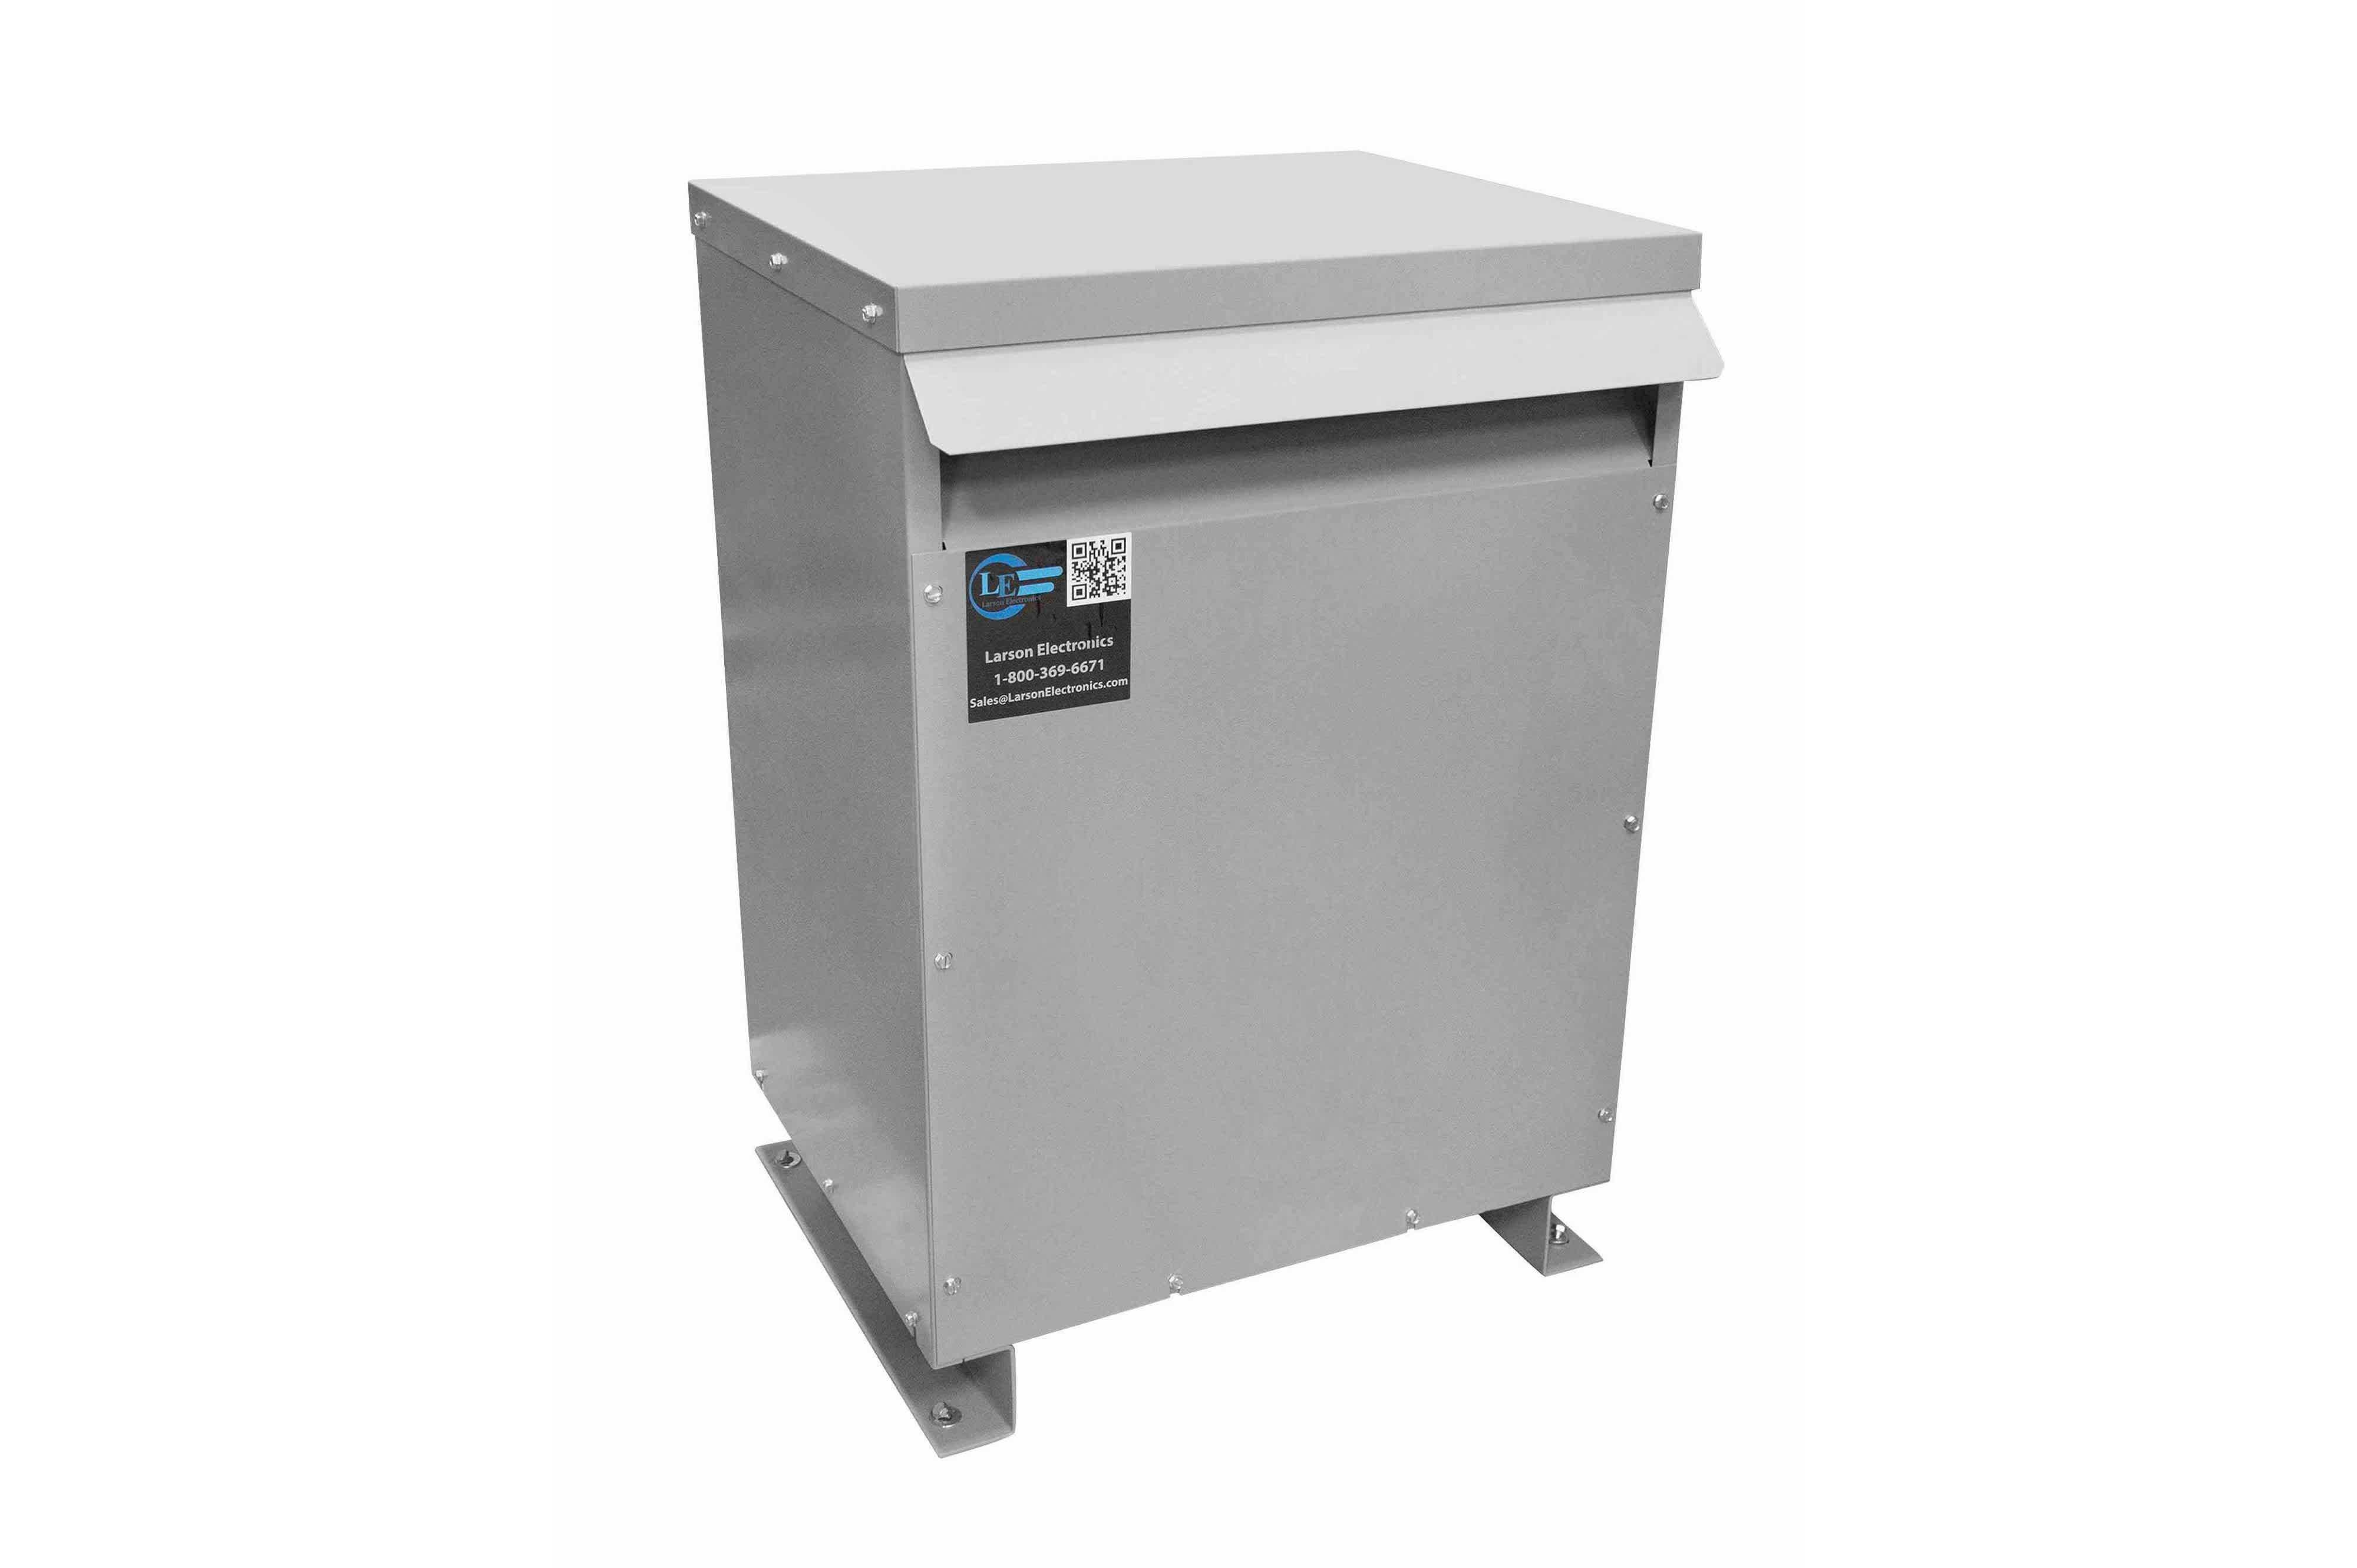 20 kVA 3PH Isolation Transformer, 600V Delta Primary, 460V Delta Secondary, N3R, Ventilated, 60 Hz